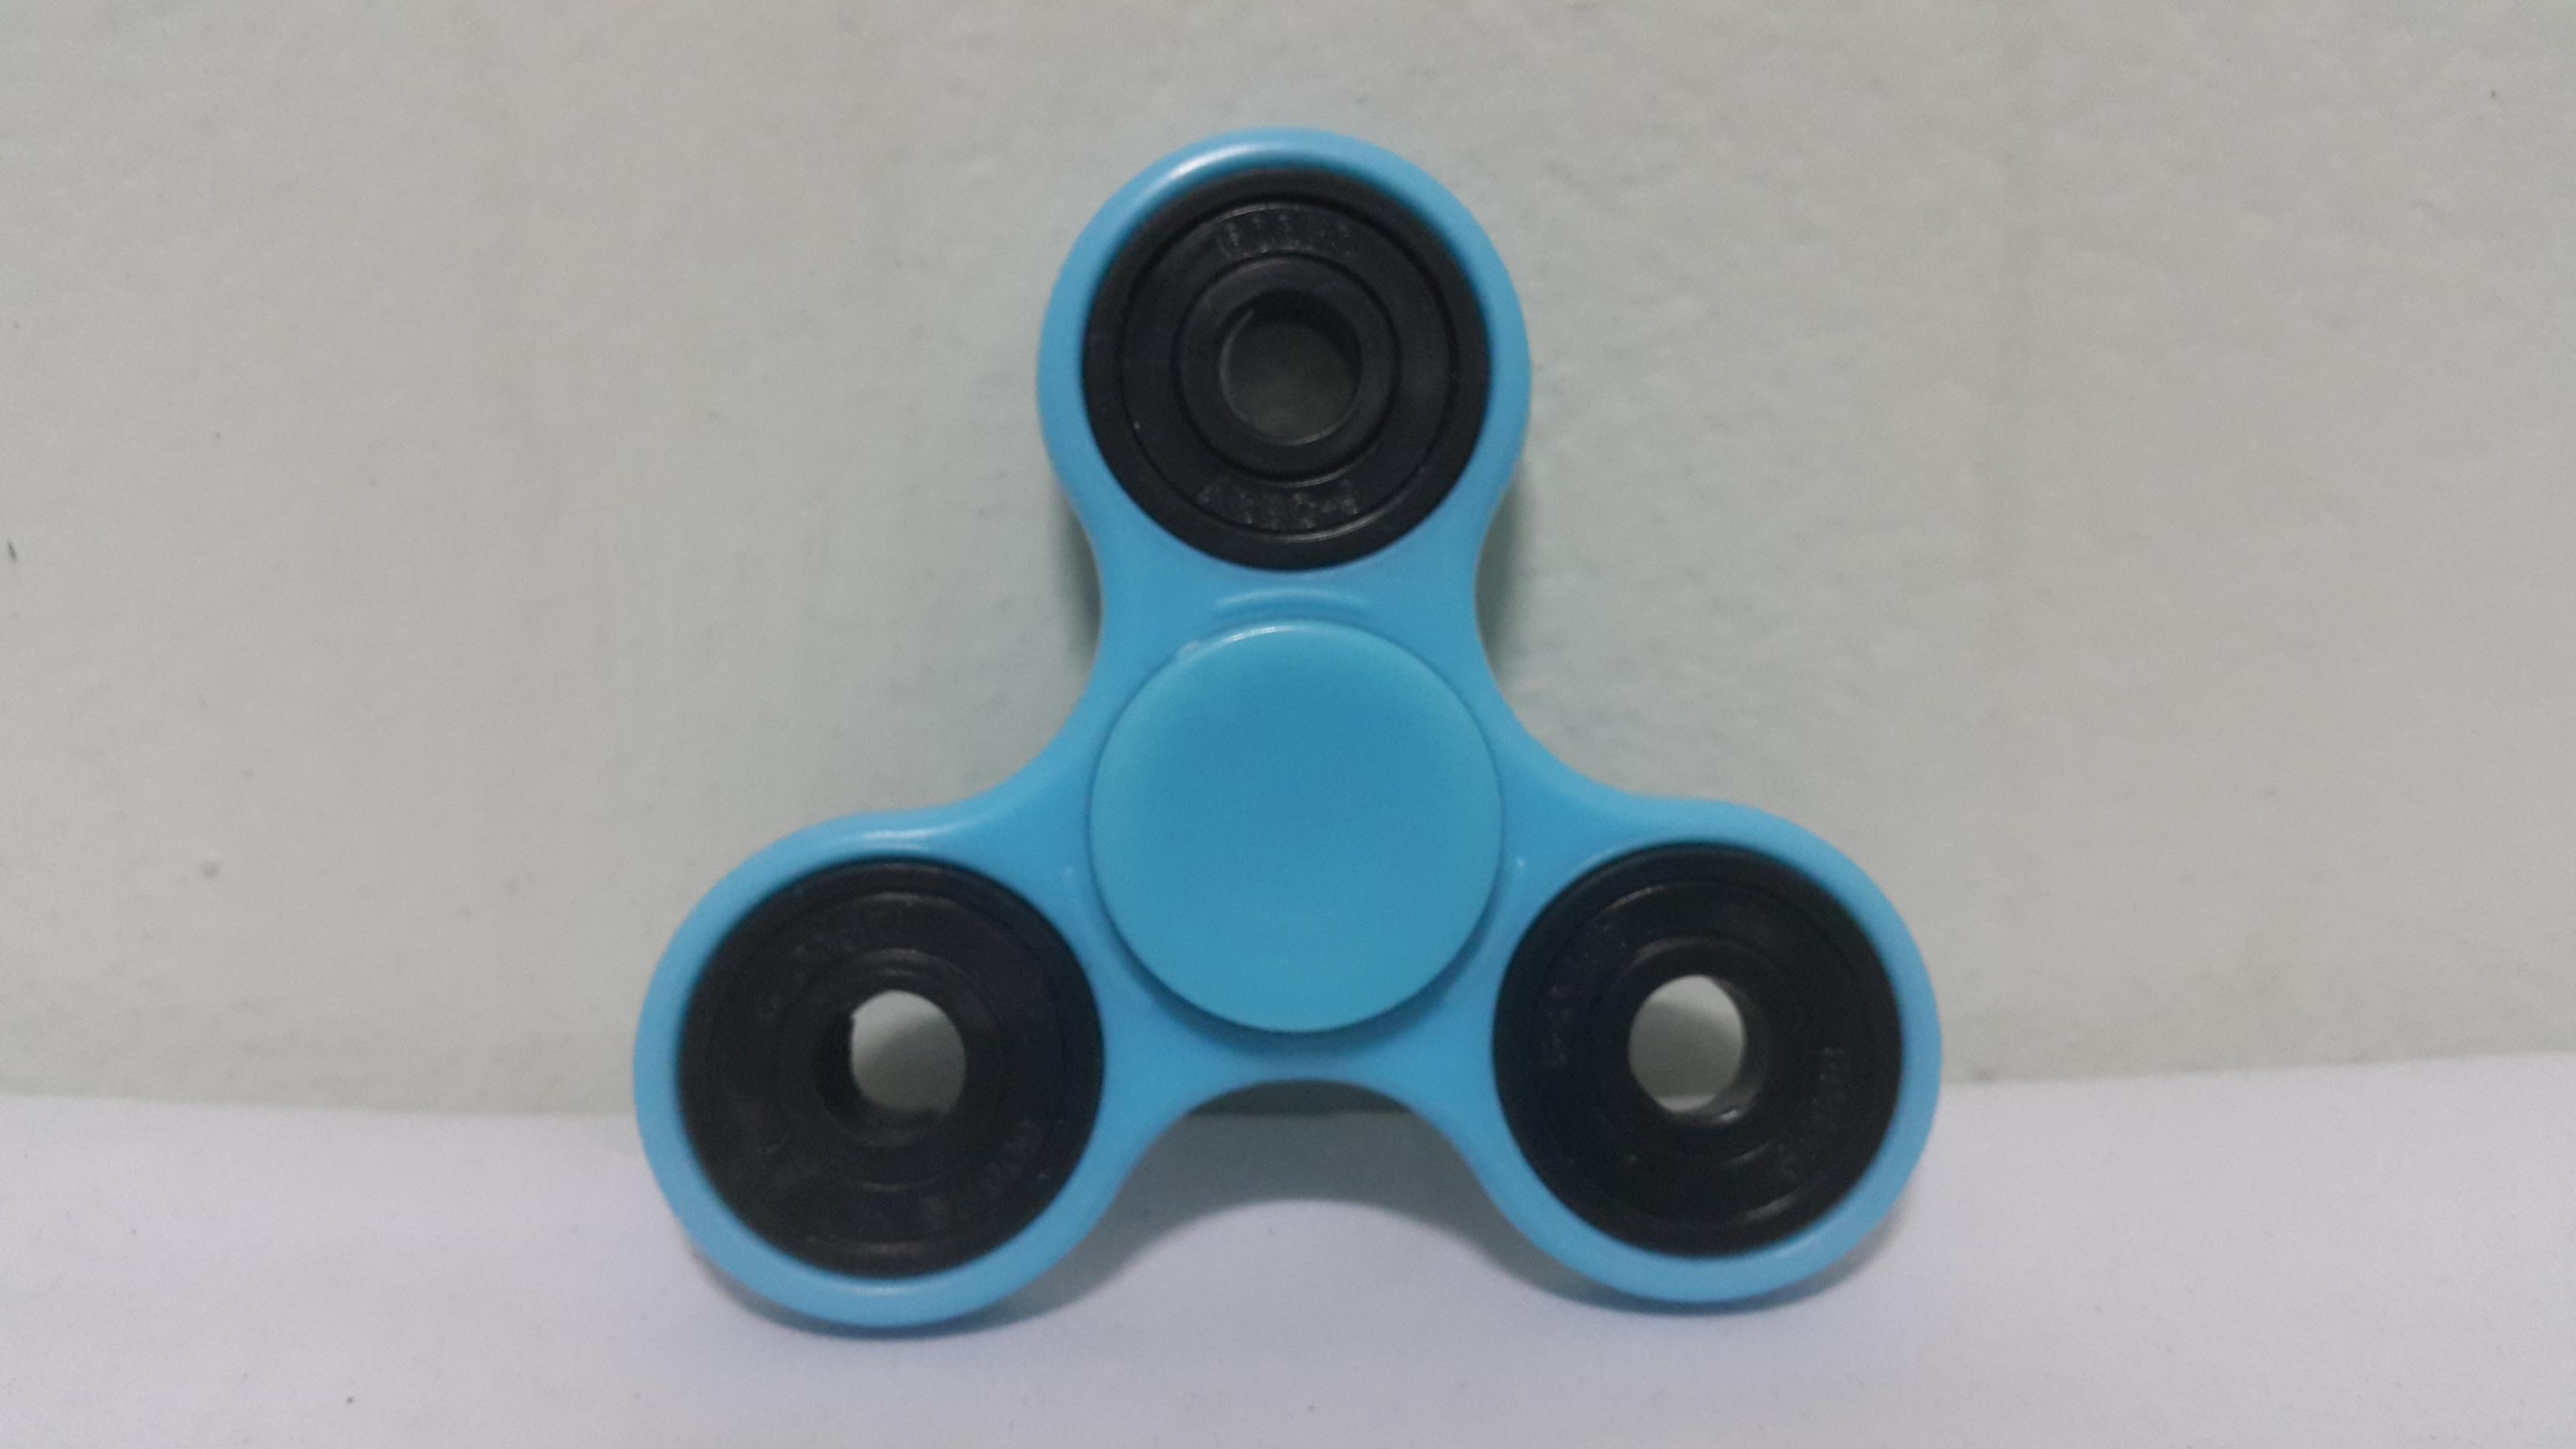 แฮนด์ สปินเนอร์ 3 แฉก (Hand Spinner) สีฟ้า